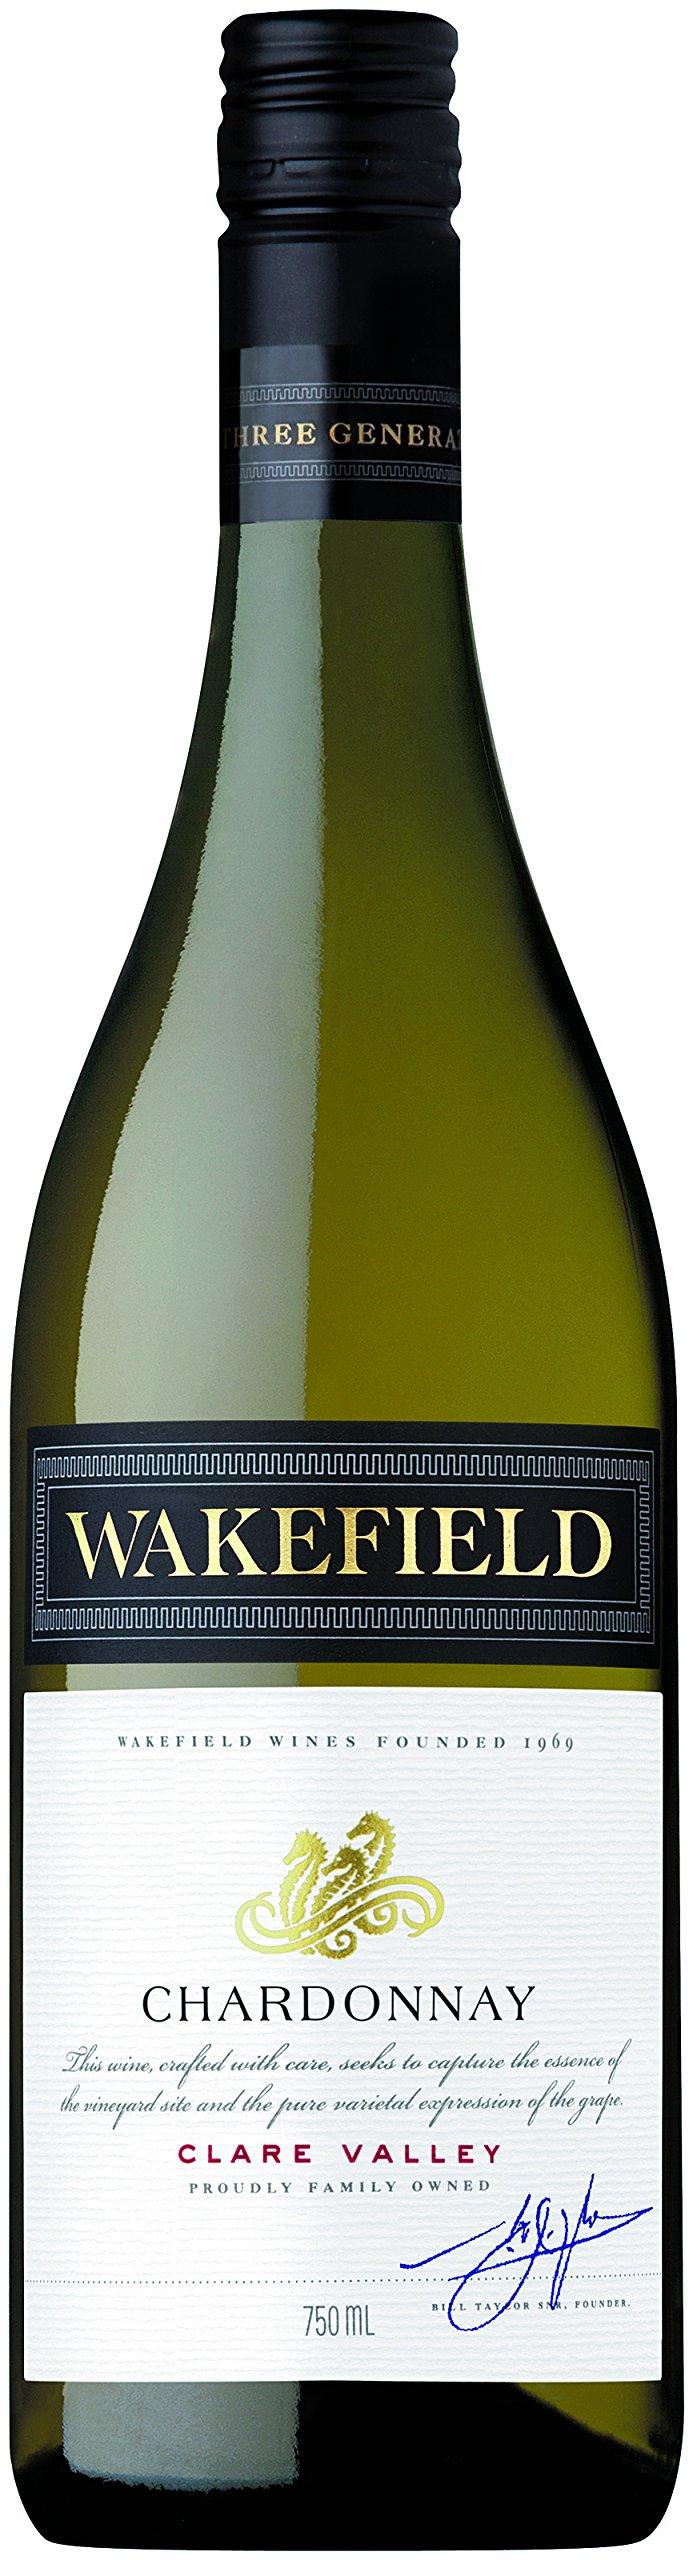 Wakefield-Chardonnay-Estate-2016-Trocken-3-x-075-l